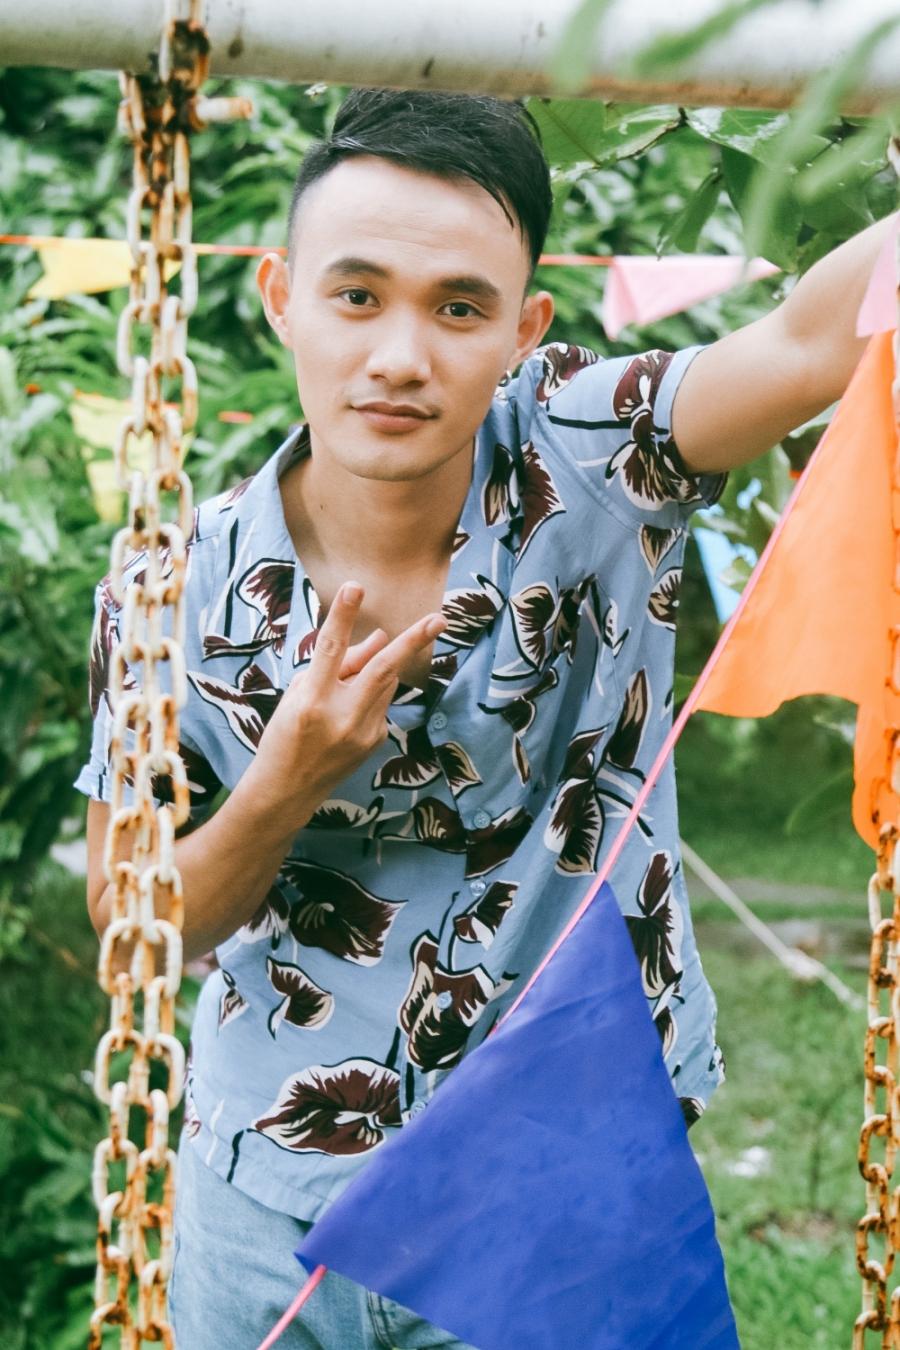 Hậu Giọng hát Việt, Noo Phước Thịnh ra mắt MV kỉ niệm đậm chất mùa hè cùng học trò - Ảnh 13.